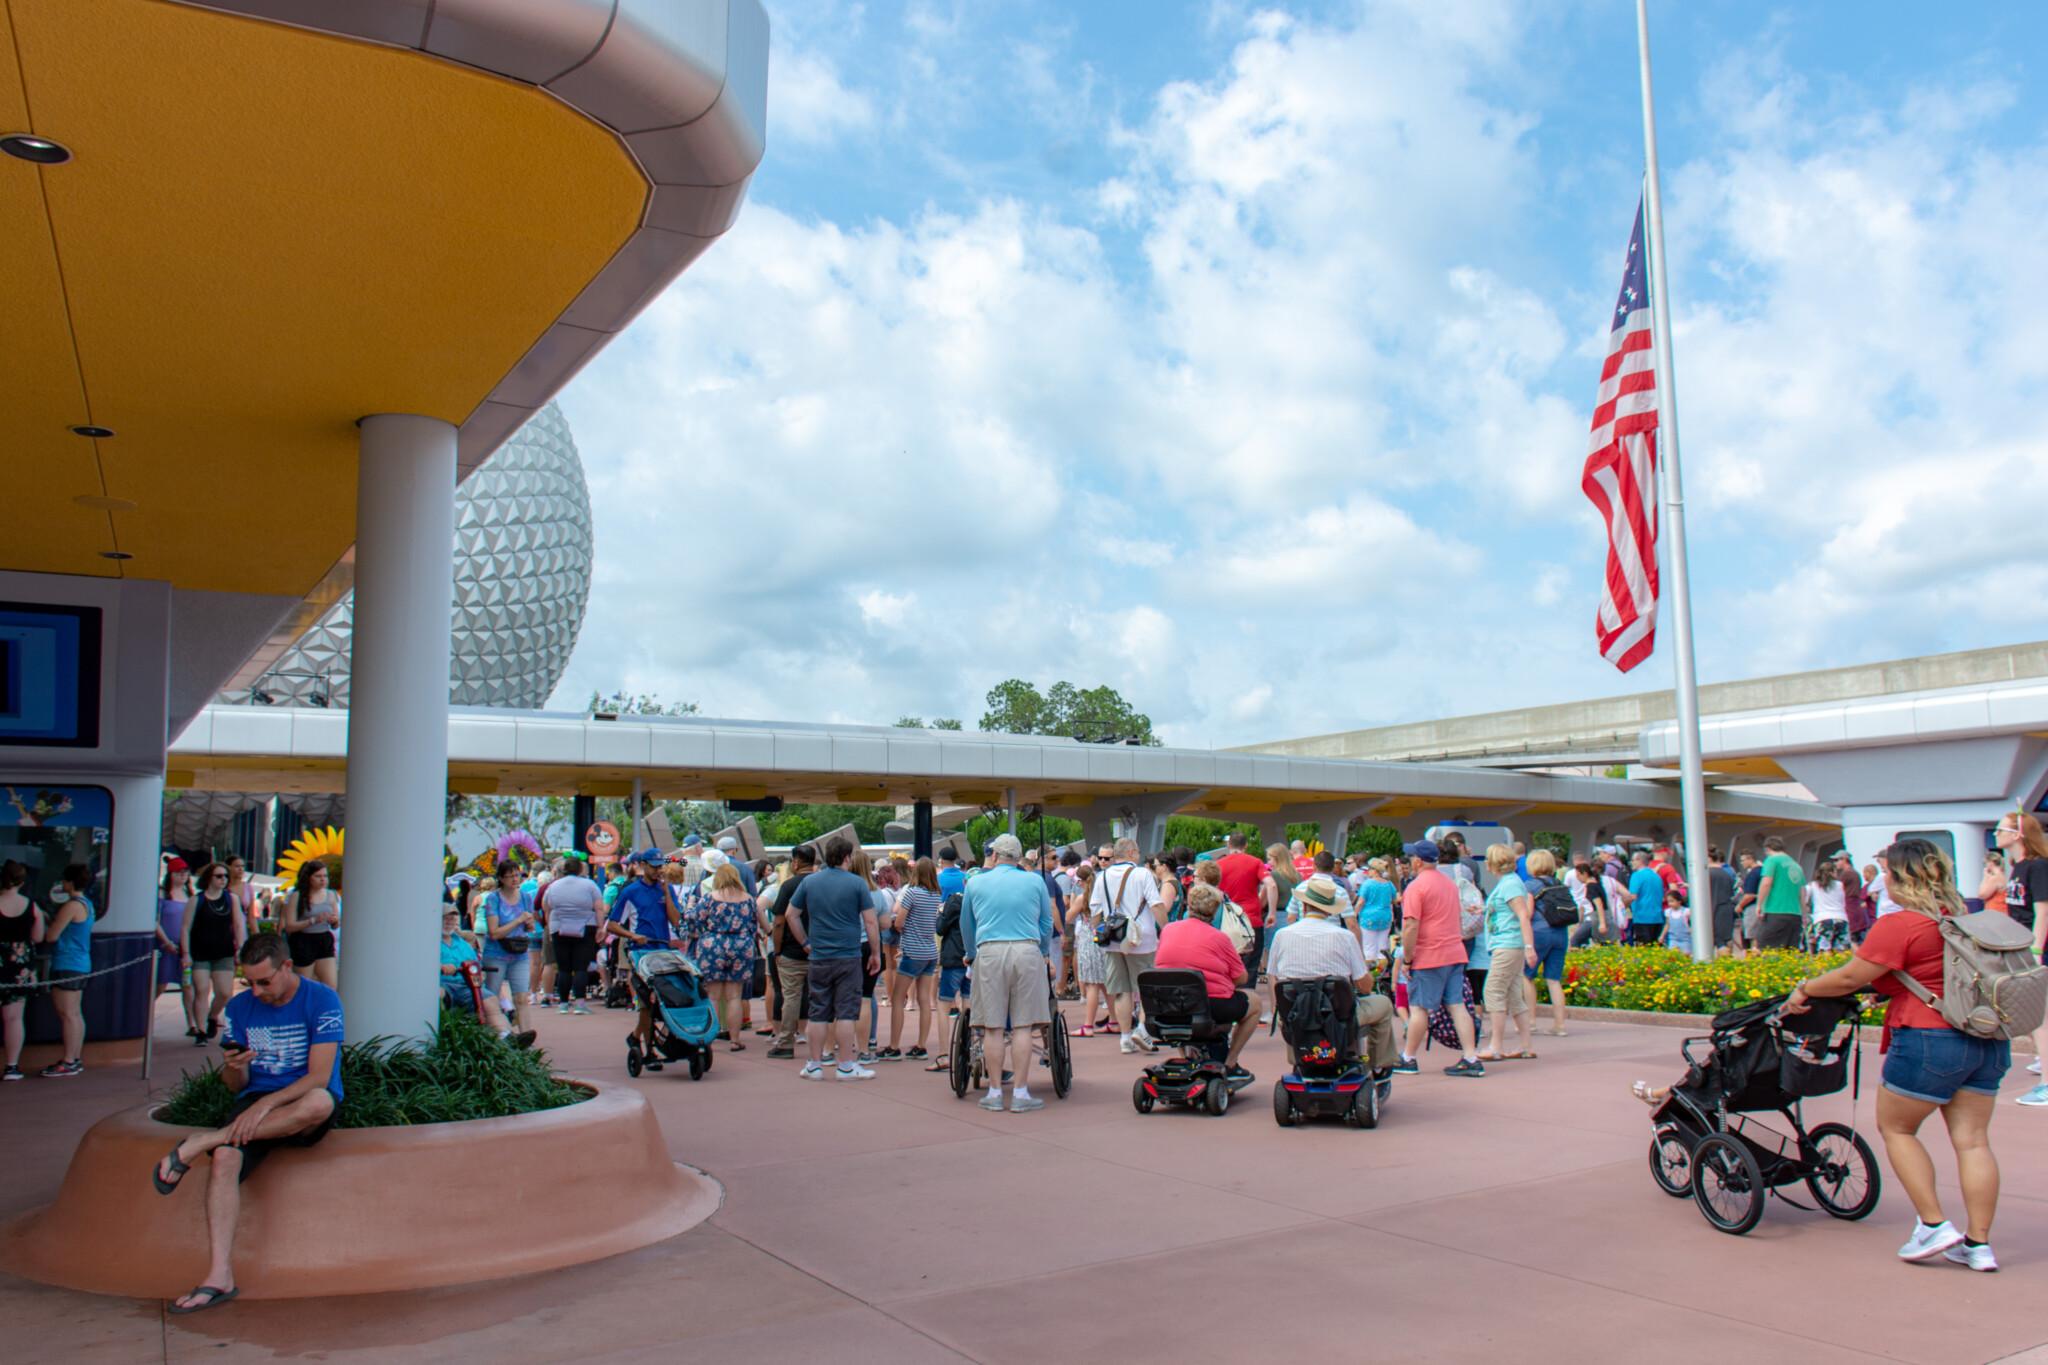 2 semaines en Floride avec un bébé de 1 an - Séjour du 2 au 16 mai 2019 DCL + WDW - Page 18 DSC_8738-2048x1365